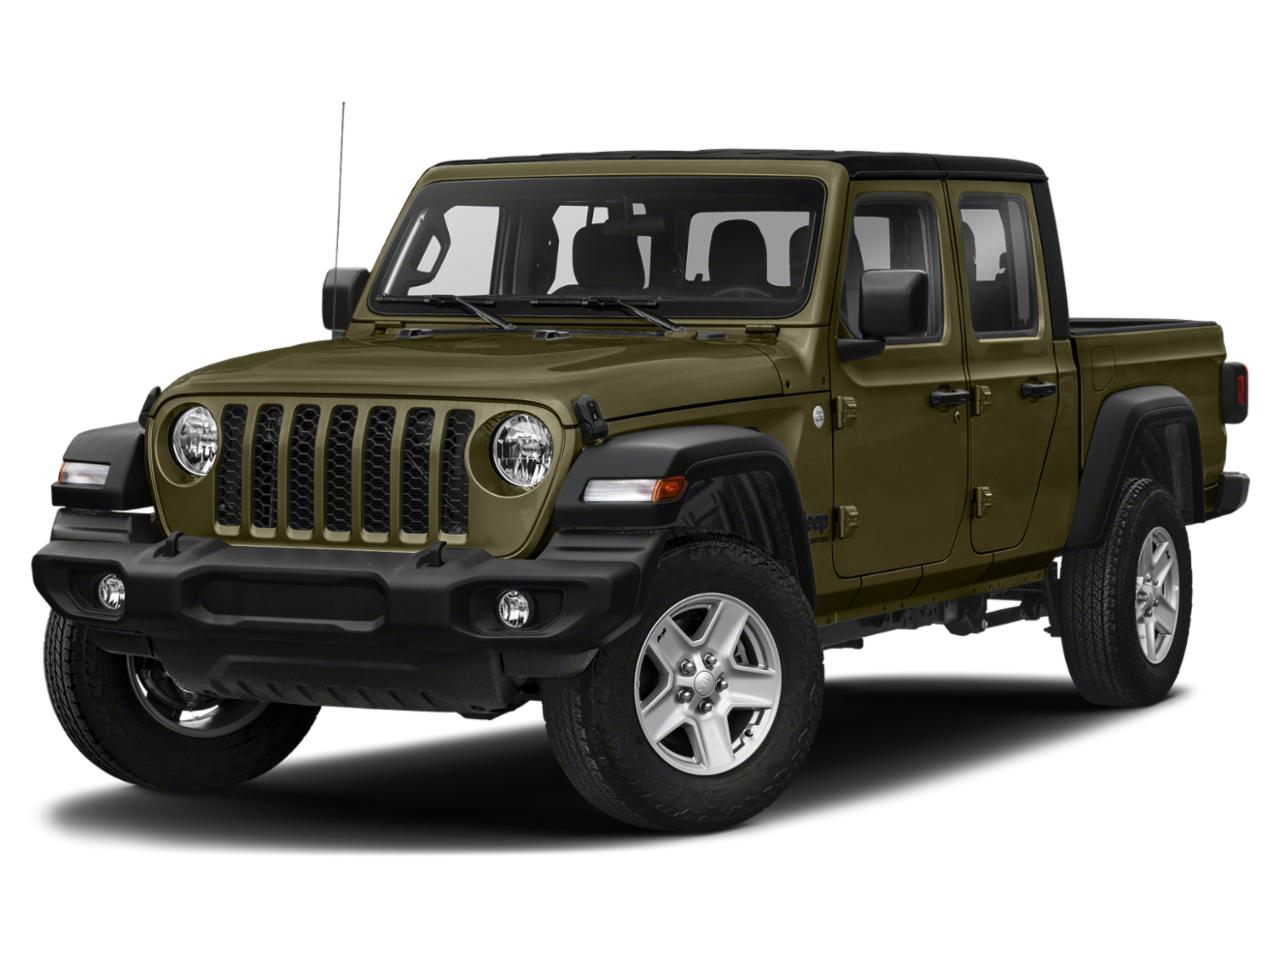 2021 Jeep Gladiator Vehicle Photo in Oshkosh, WI 54901